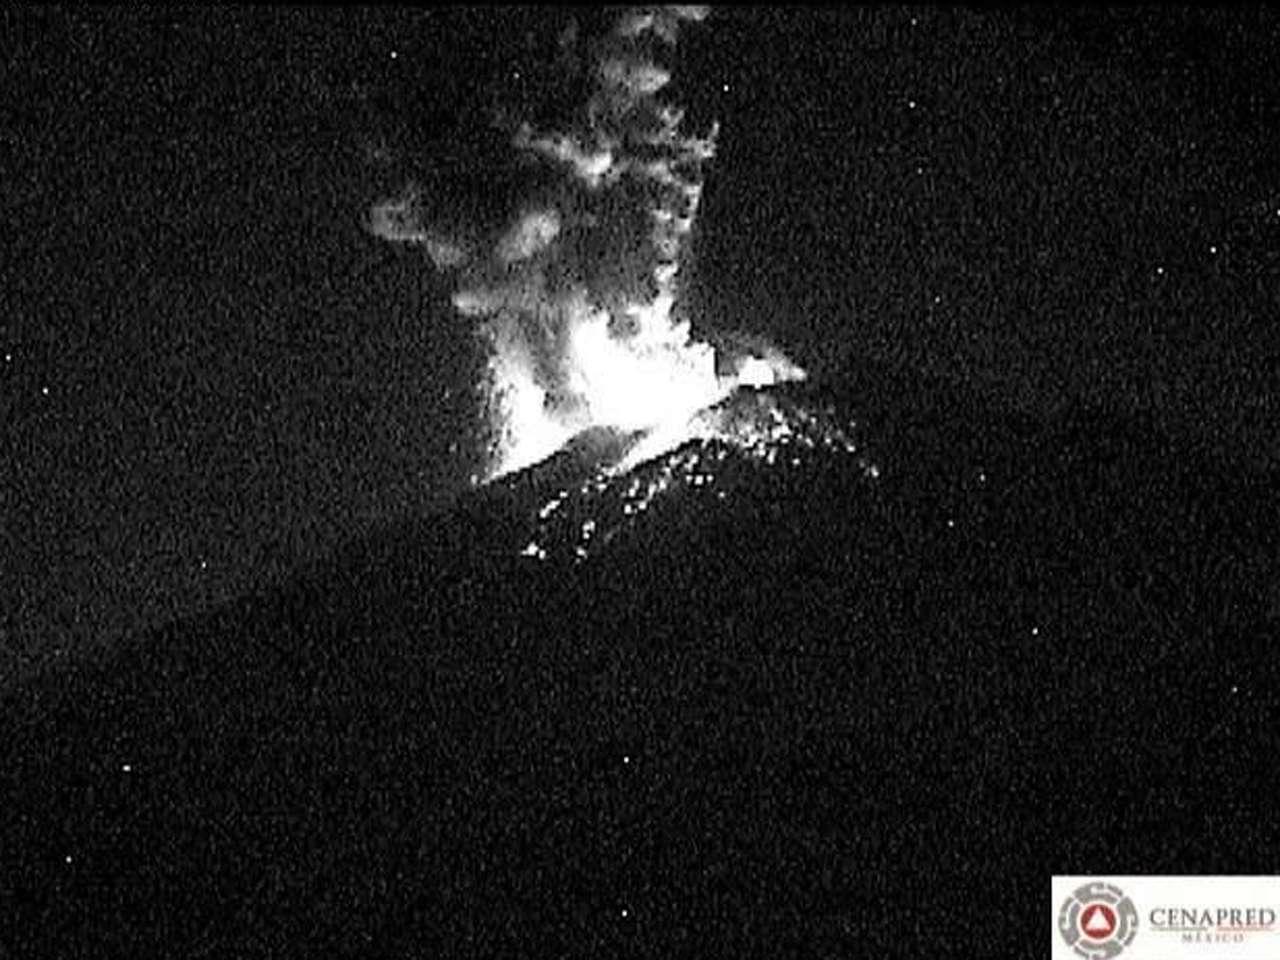 Debido a la explosión de material incandescente que registró el volcán Popocatépetl y la fumarola que alcanzó 2 kilómetros de altura las autoridades alertaron por una posible caída de ceniza. Foto: @LUISFELIPE_P